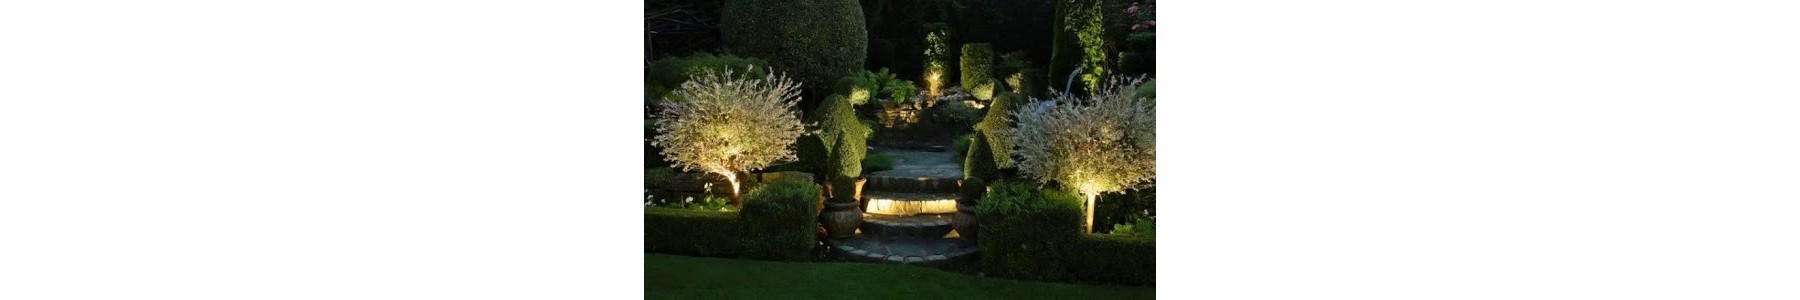 Oświetlenie ogrodu - Lampy zewnętrzne